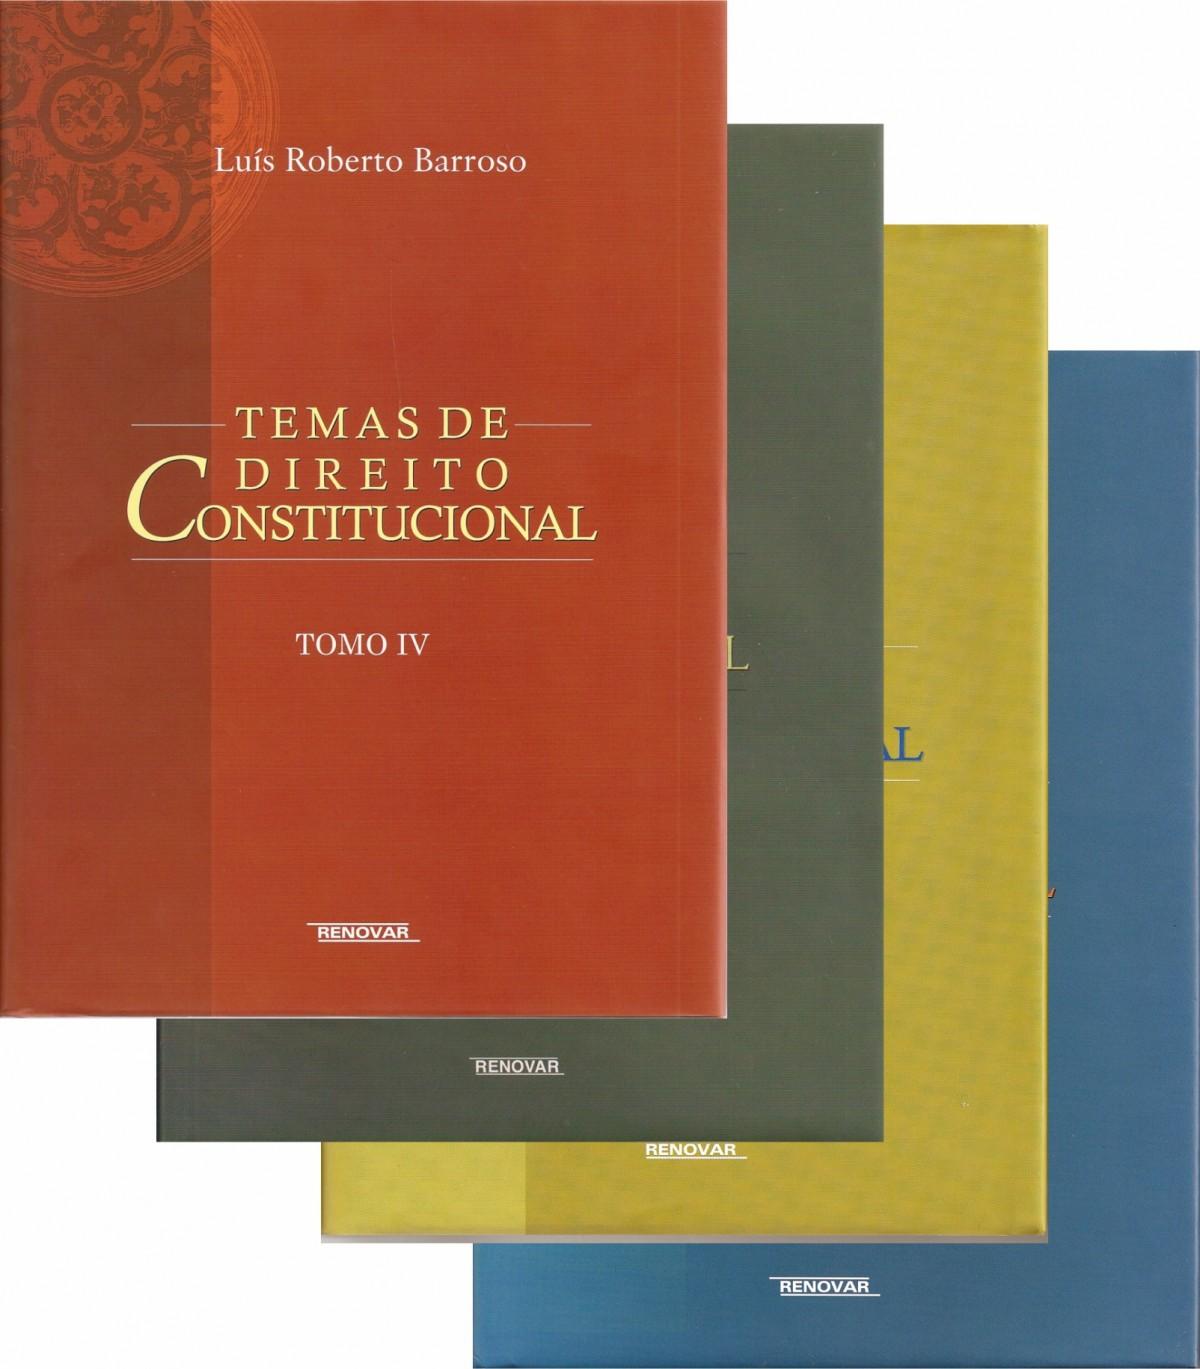 Foto 1 - Coleção Temas de Direito Constitucional - (Tomos I, II, III, IV)